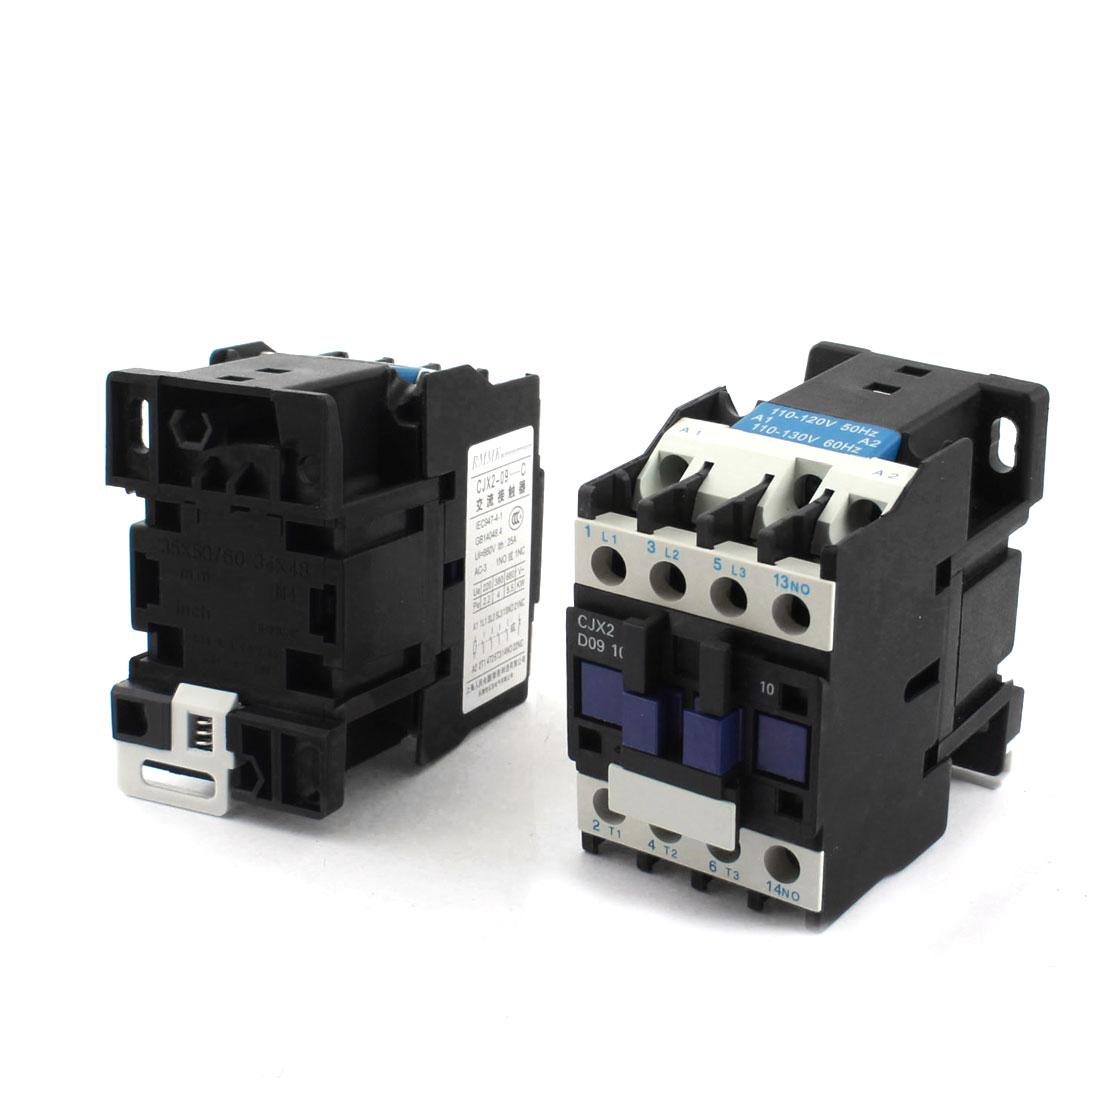 AC 110-130V 35mm DIN Rail Mount 3 Phrase 1NO AC Contactor CJX2-D0910 2pcs